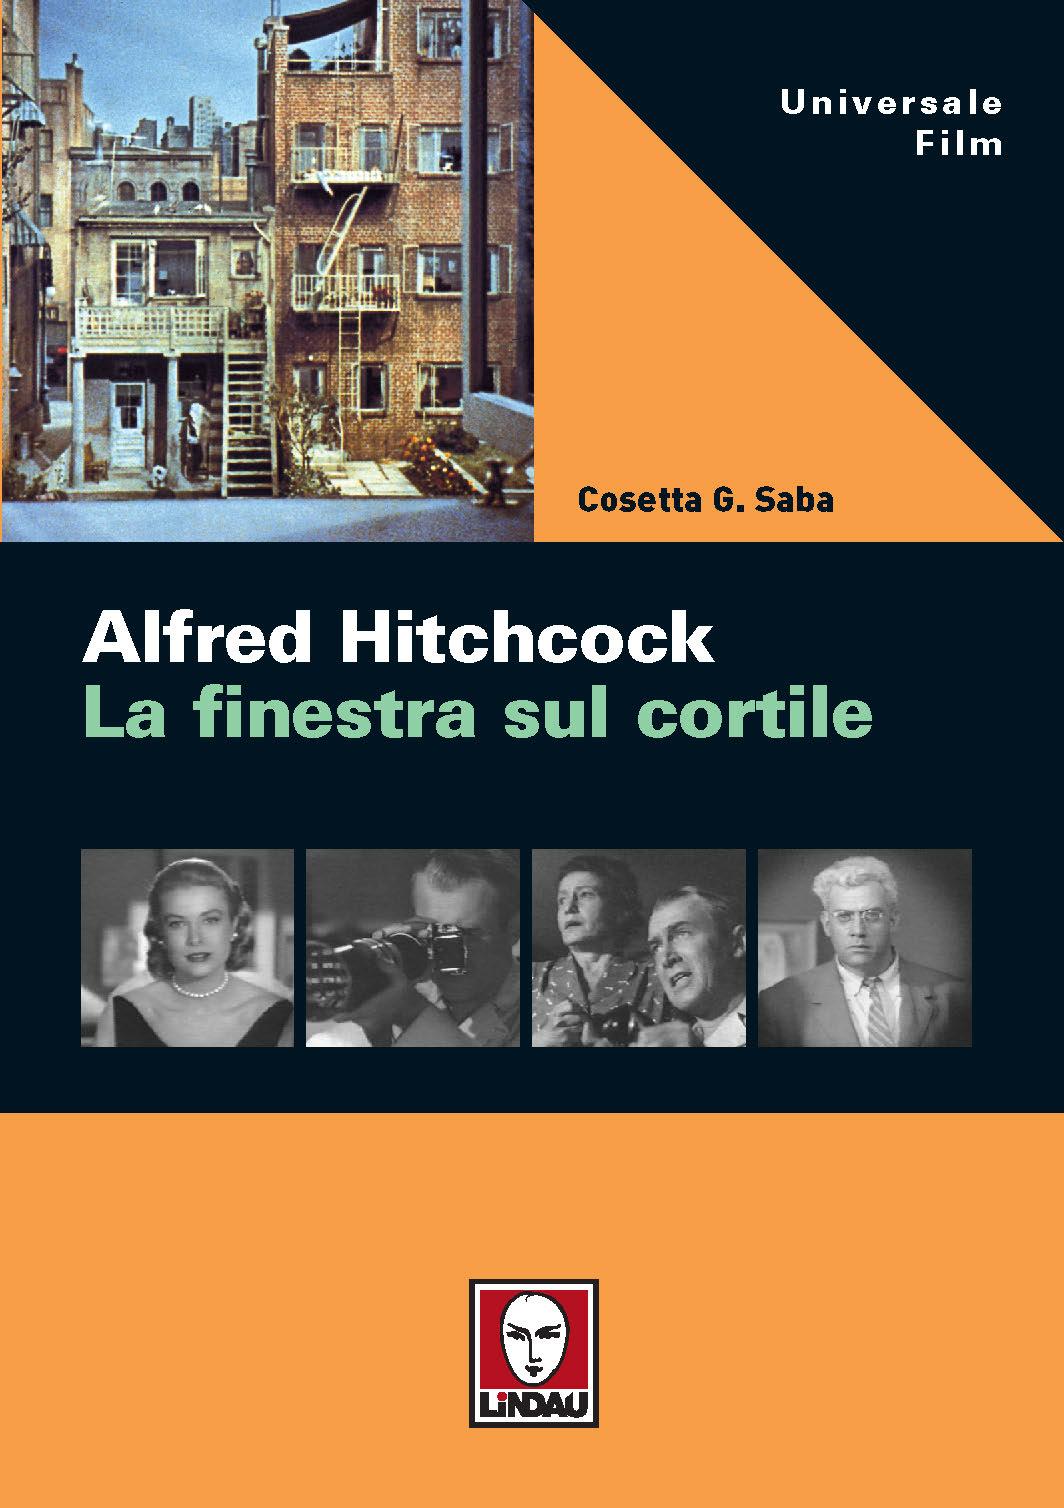 Alfred hitchcock la finestra sul cortile 9788871807881 - Alfred hitchcock la finestra sul cortile ...